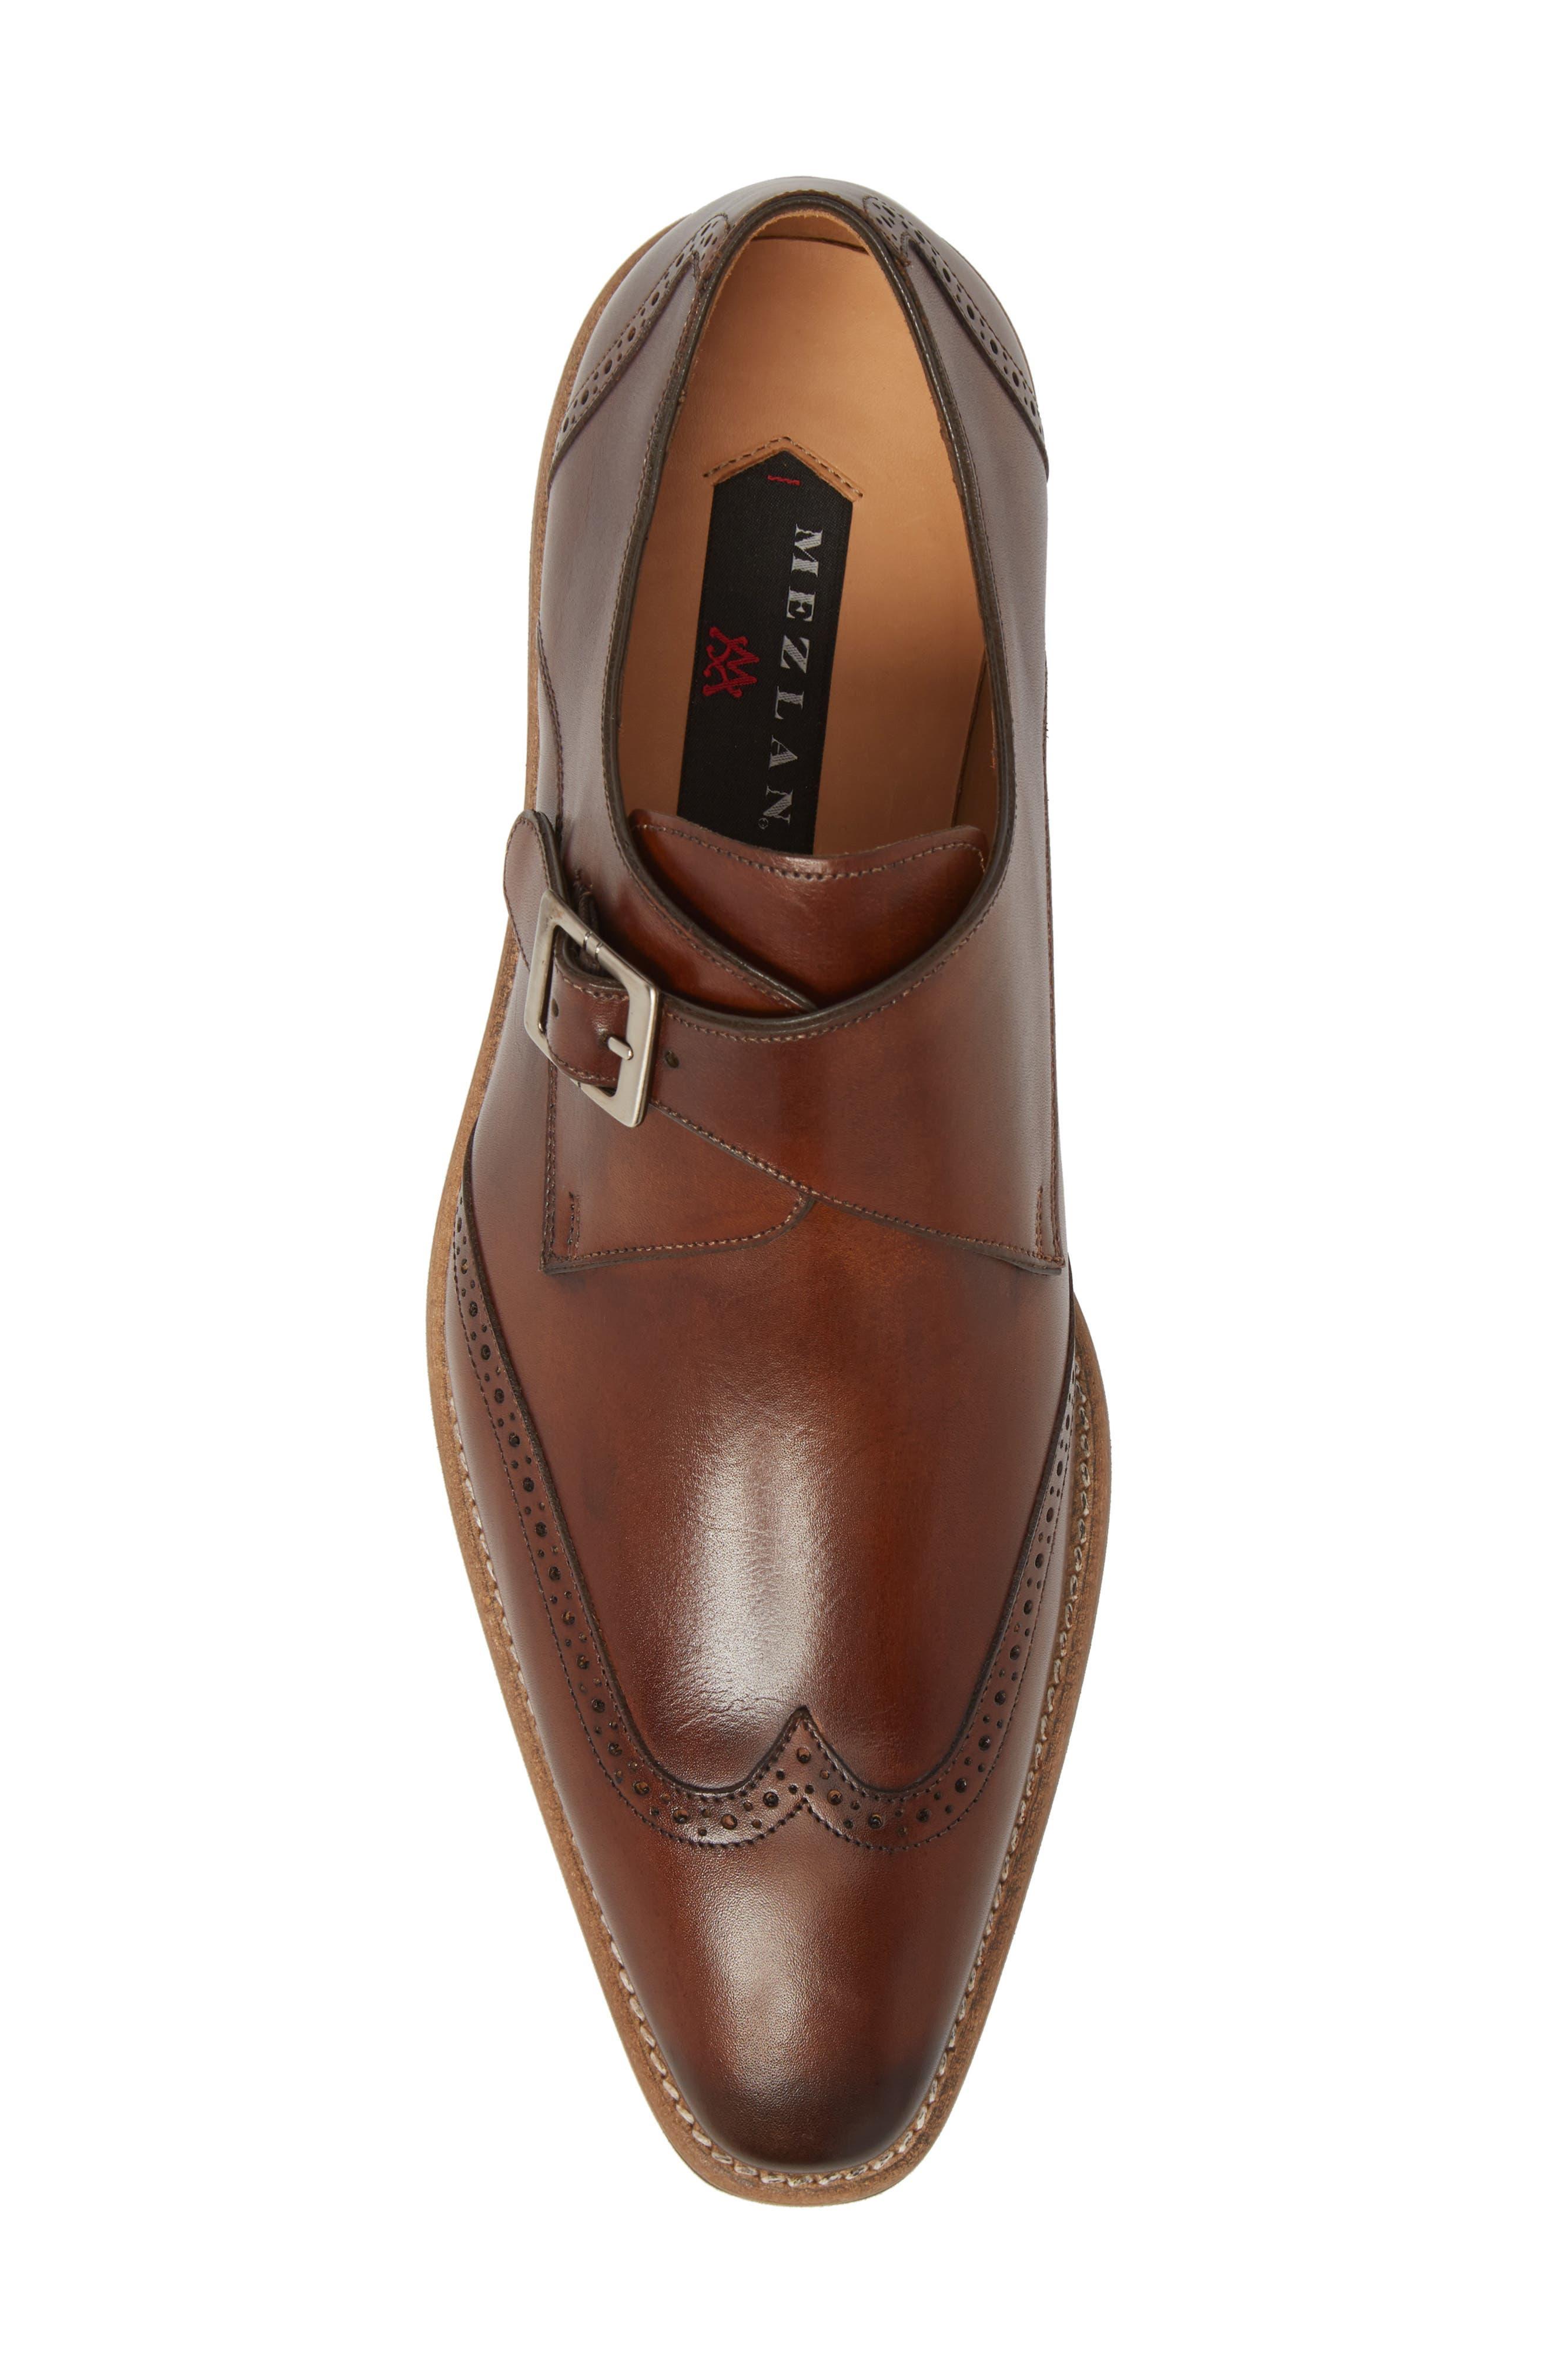 MEZLAN, Feresta Wingtip Monk Shoe, Alternate thumbnail 5, color, COGNAC